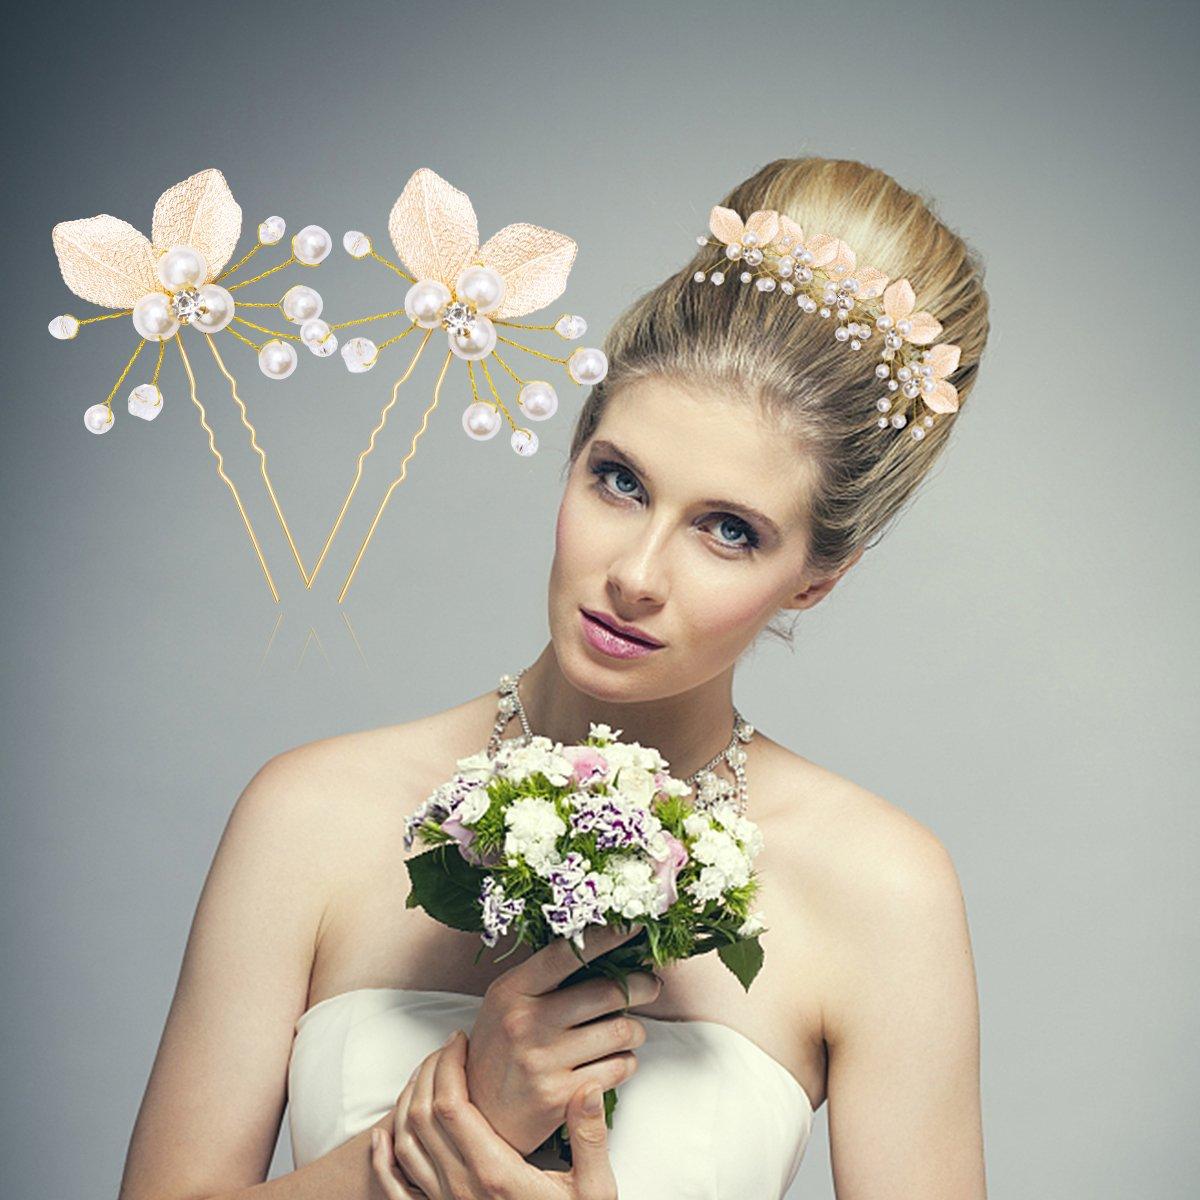 Yariew 10 Pieces Wedding Flower Hair Pins Leaf Bobby Pins U Shaped